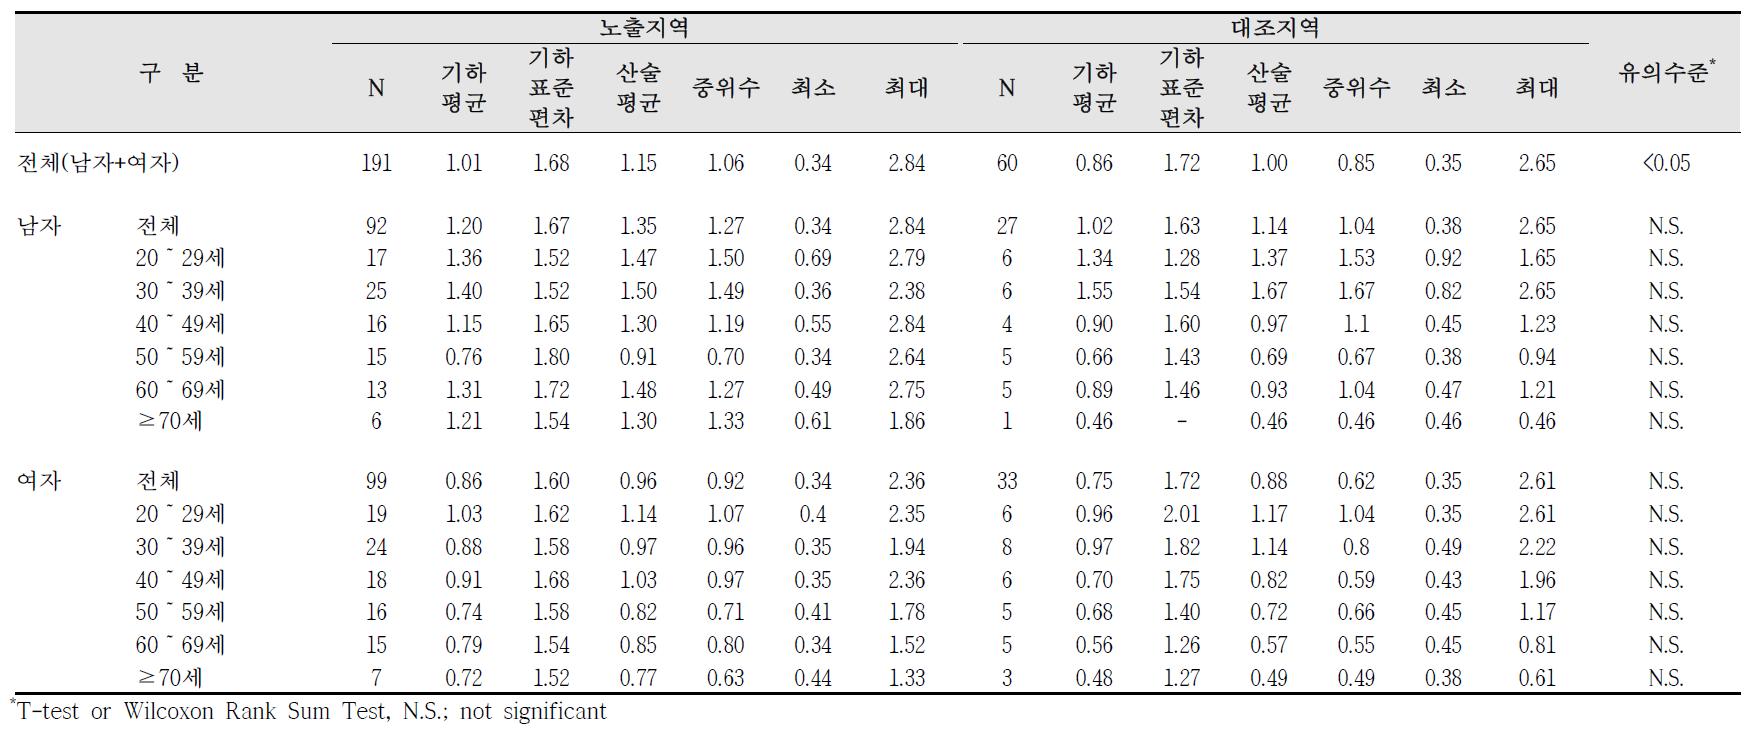 청주산업단지 요중 크레아티닌 농도 비교